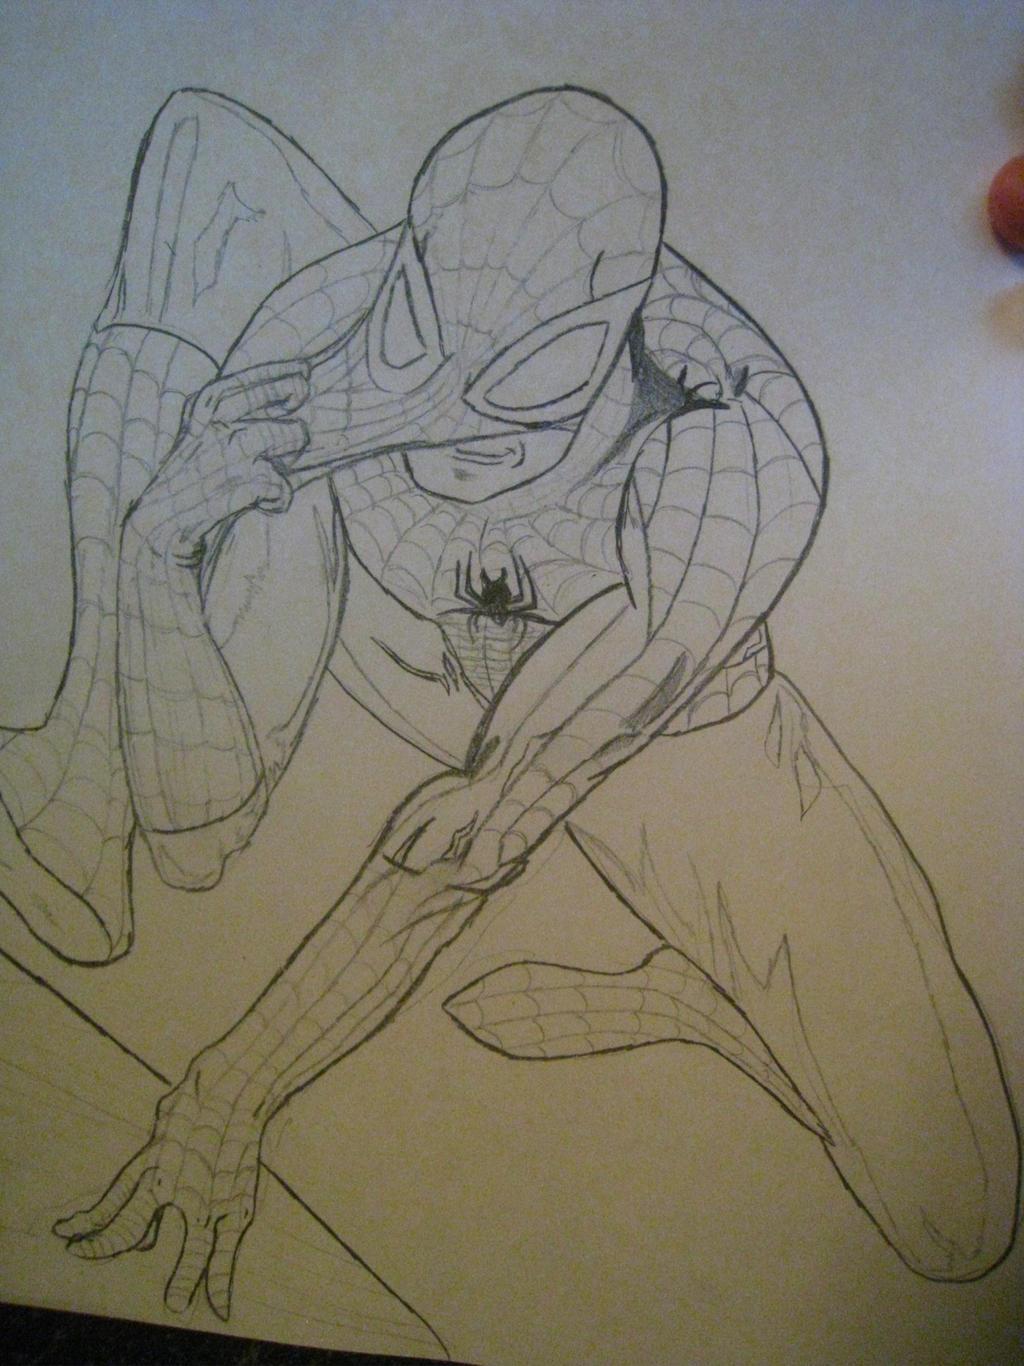 Spiderman by xXXxNightShadexXXx